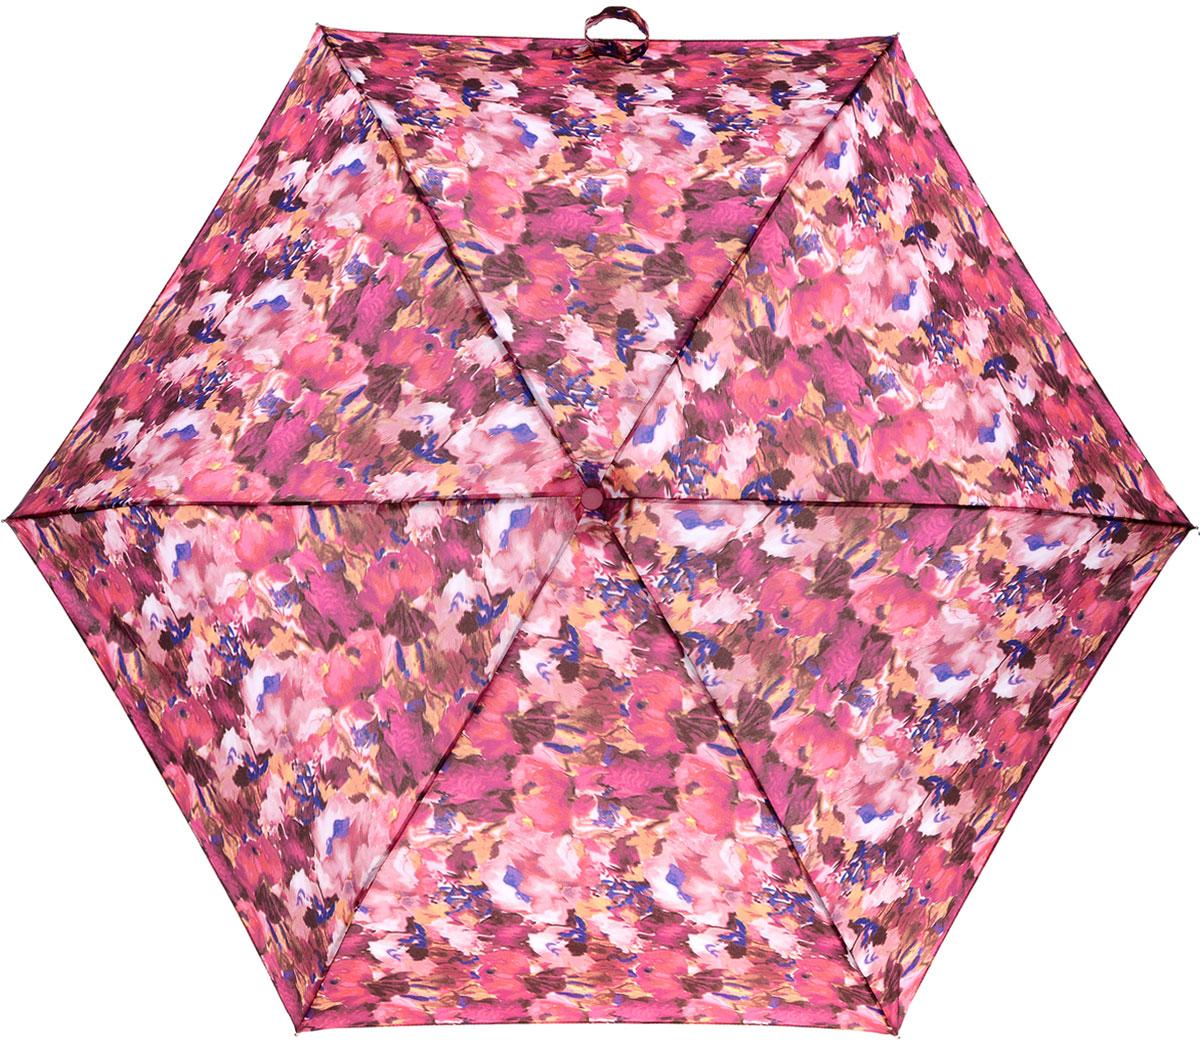 Зонт женский Fulton Superslim, механический, 3 сложения, цвет: мультиколор. L553-2934П250070003-9Стильный механический зонт Fulton Superslim в 3 сложения даже в ненастную погоду позволит вам оставаться элегантной. Облегченный каркас зонта выполнен из 6 спиц из фибергласса и алюминия, стержень также изготовлен из алюминия, удобная рукоятка - из пластика. Купол зонта выполнен из прочного полиэстера. В закрытом виде застегивается хлястиком на липучке. Яркий оригинальный принт поднимет настроение в дождливый день.Зонт механического сложения: купол открывается и закрывается вручную до характерного щелчка.На рукоятке для удобства есть небольшой шнурок, позволяющий надеть зонт на руку тогда, когда это будет необходимо. К зонту прилагается чехол, который застегивается на липучку. Чехол оформлен металлическим элементом с названием бренда. Такой зонт компактно располагается в кармане, сумочке, дверке автомобиля.